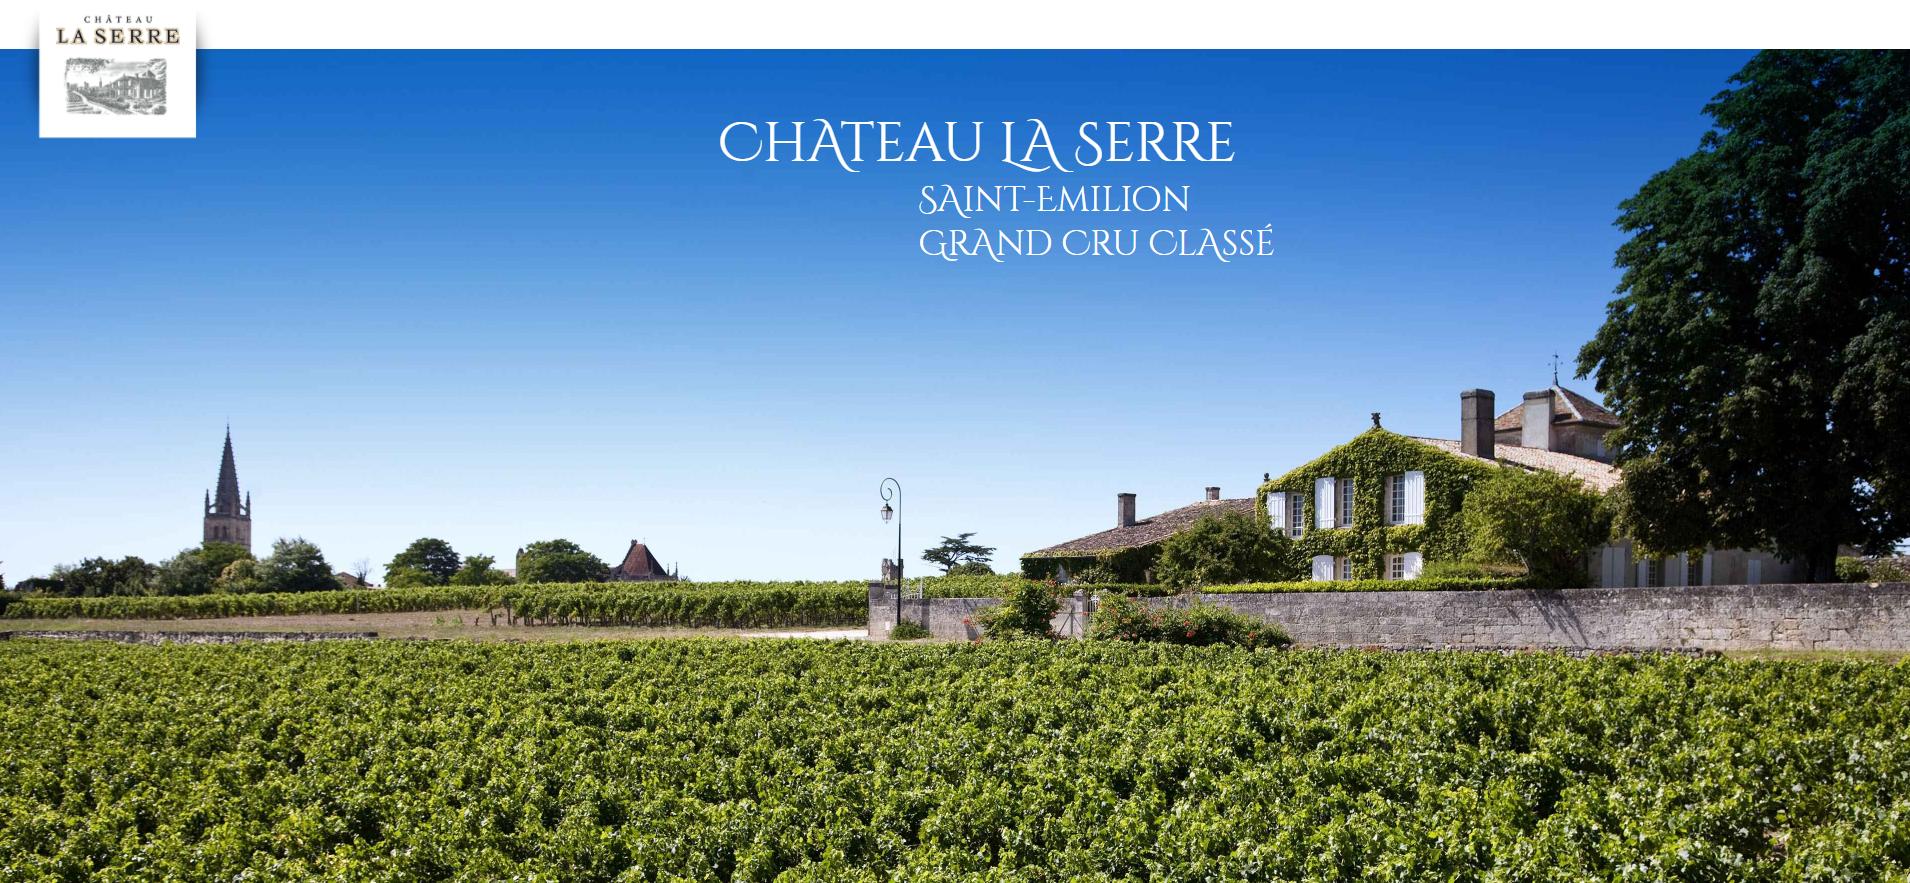 Château La Serre Saint-Émilion